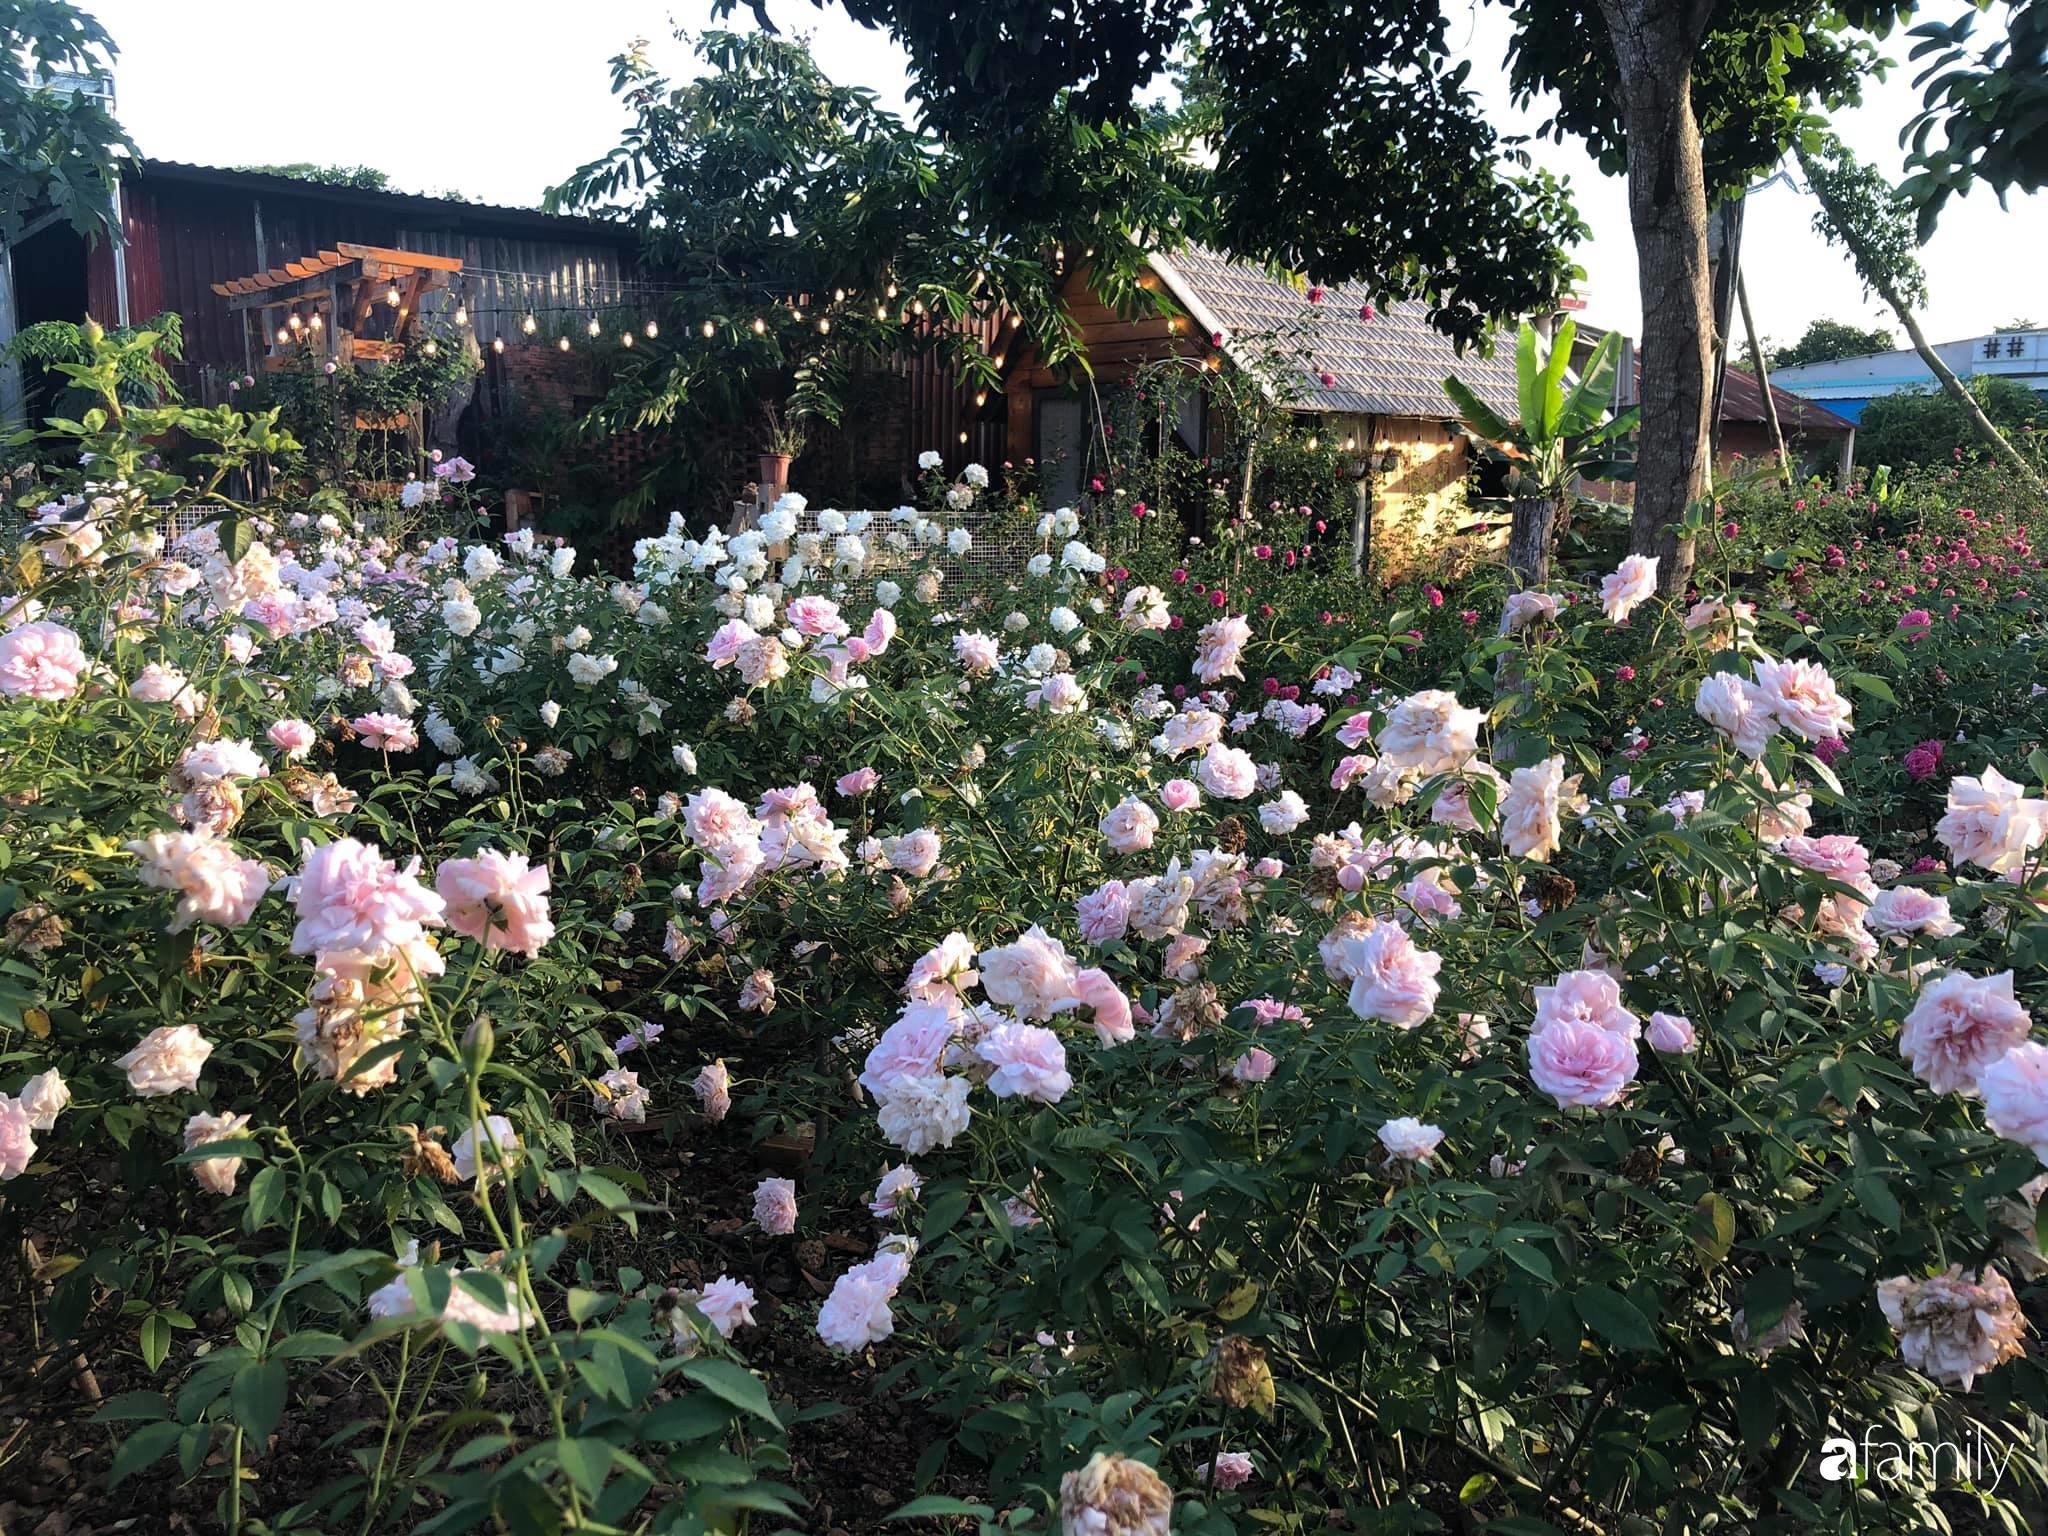 Khu vườn hoa hồng đẹp như cổ tích mà người chồng ngày đêm chăm sóc để tặng vợ con ở Vũng Tàu-24